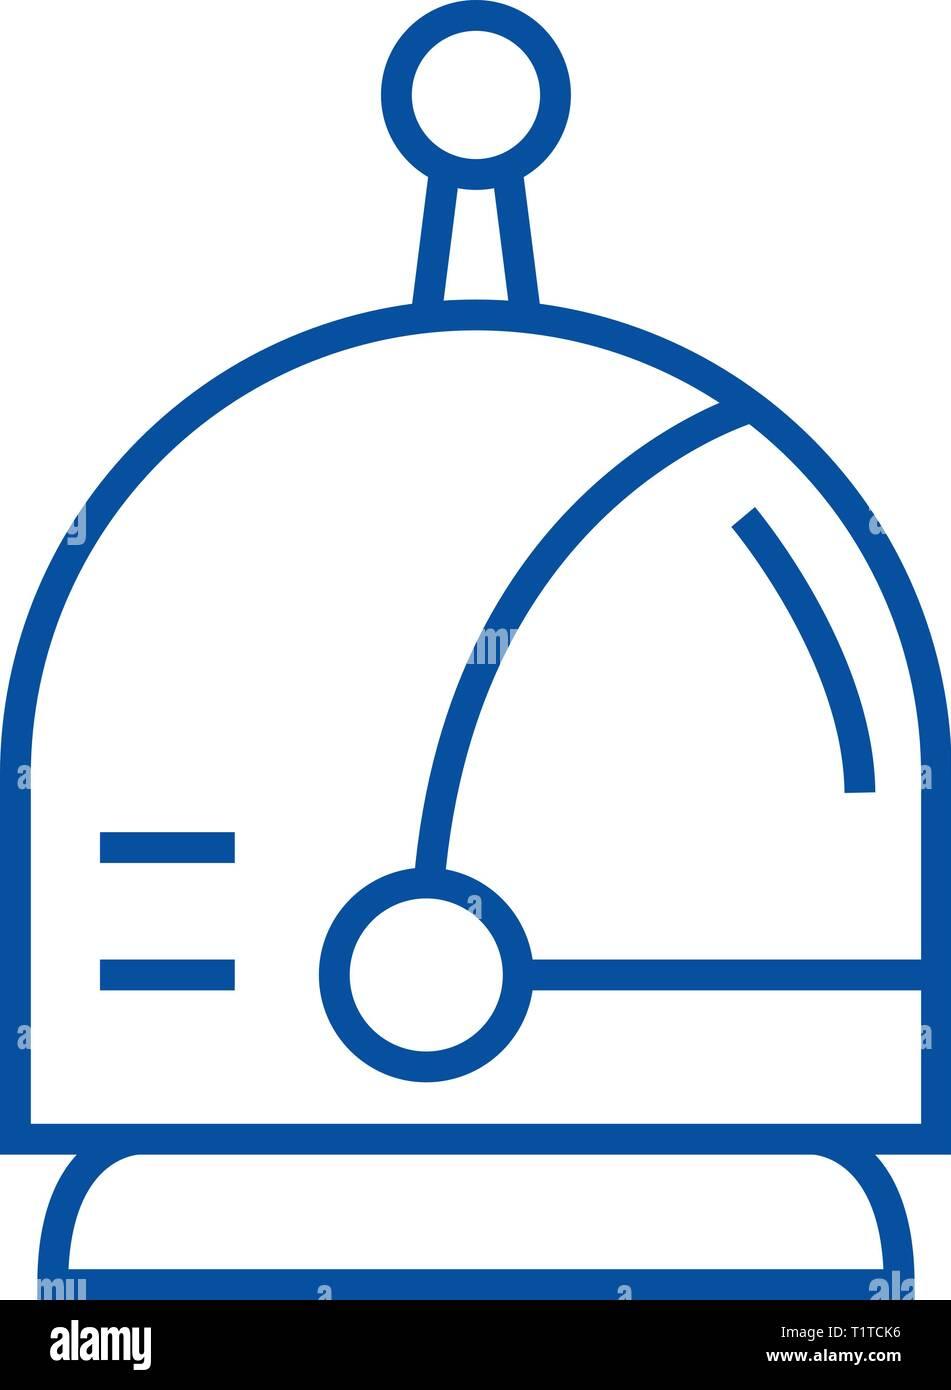 Spaceman Kopf Symbol Leitung Konzept. Spaceman Kopf, flache Vektor Symbol, Zeichen, umriss Abbildung. Stockbild